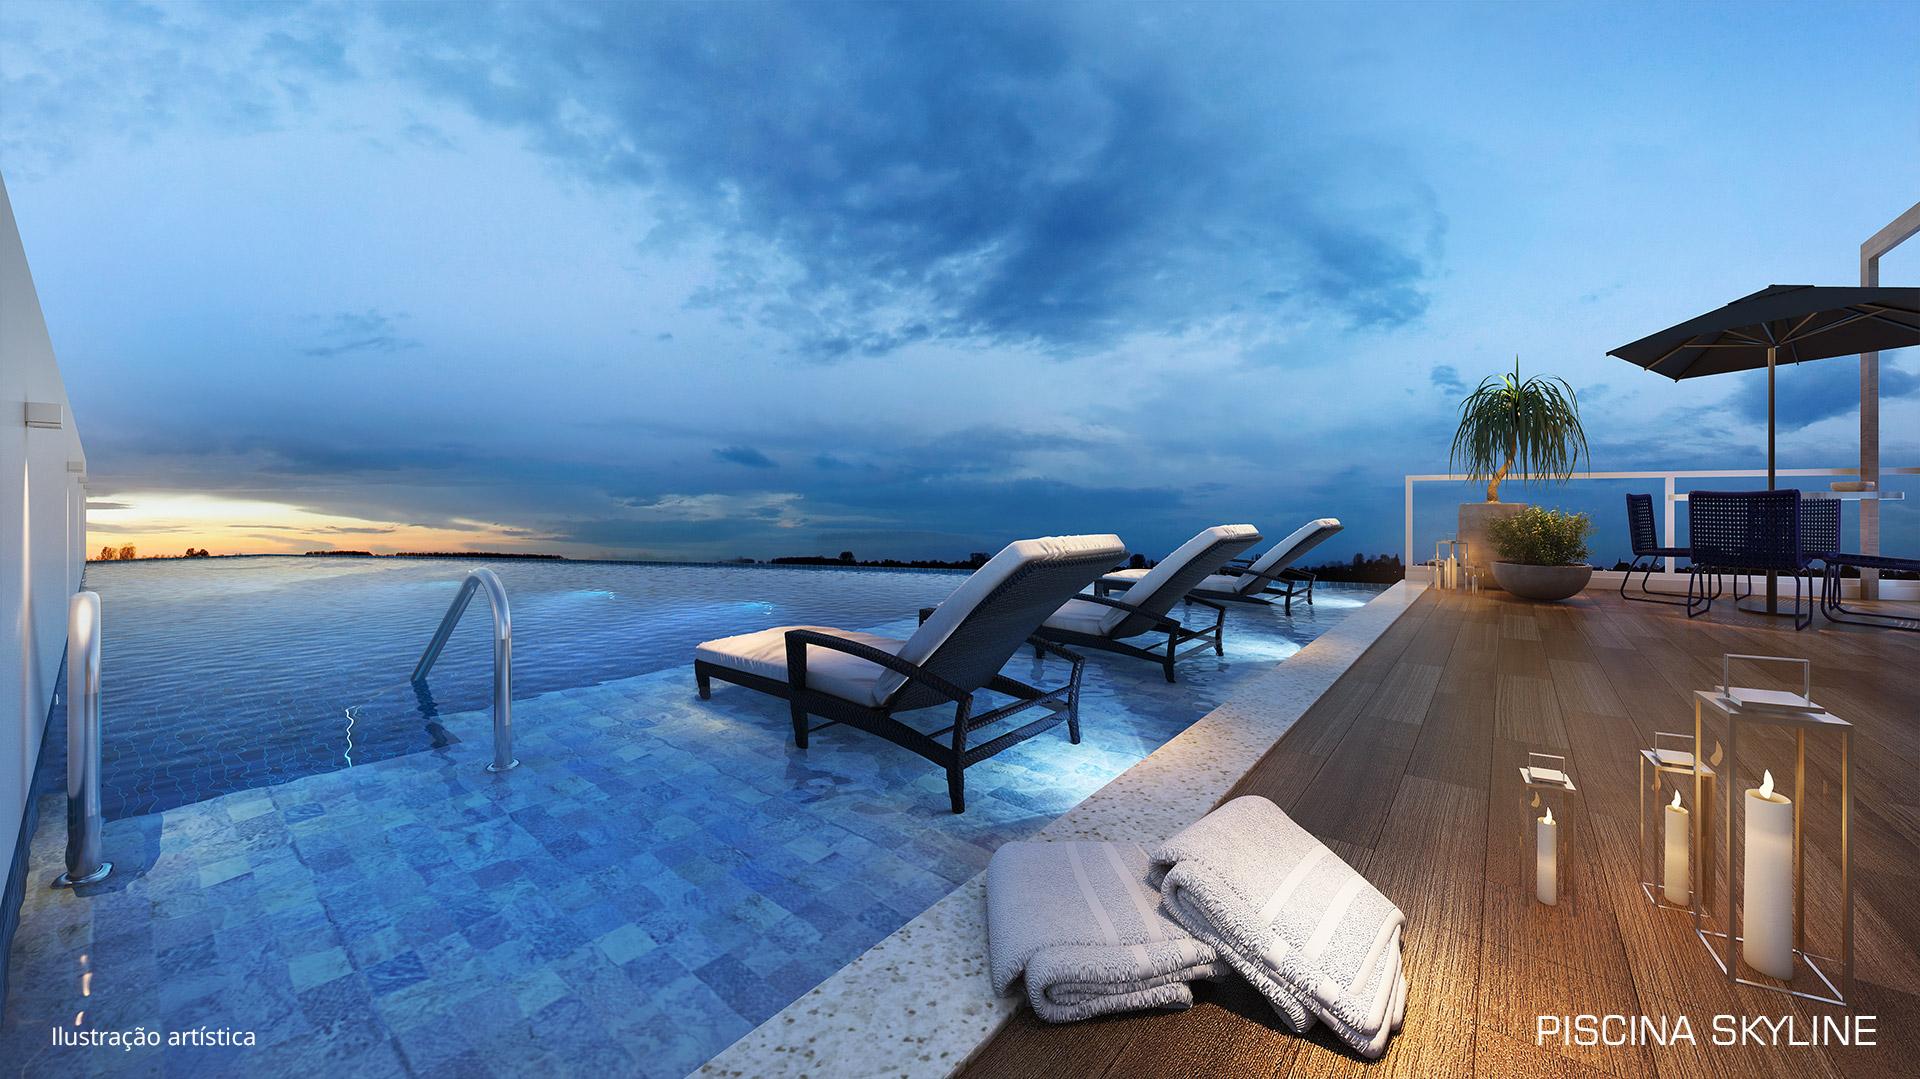 piscina_skyline